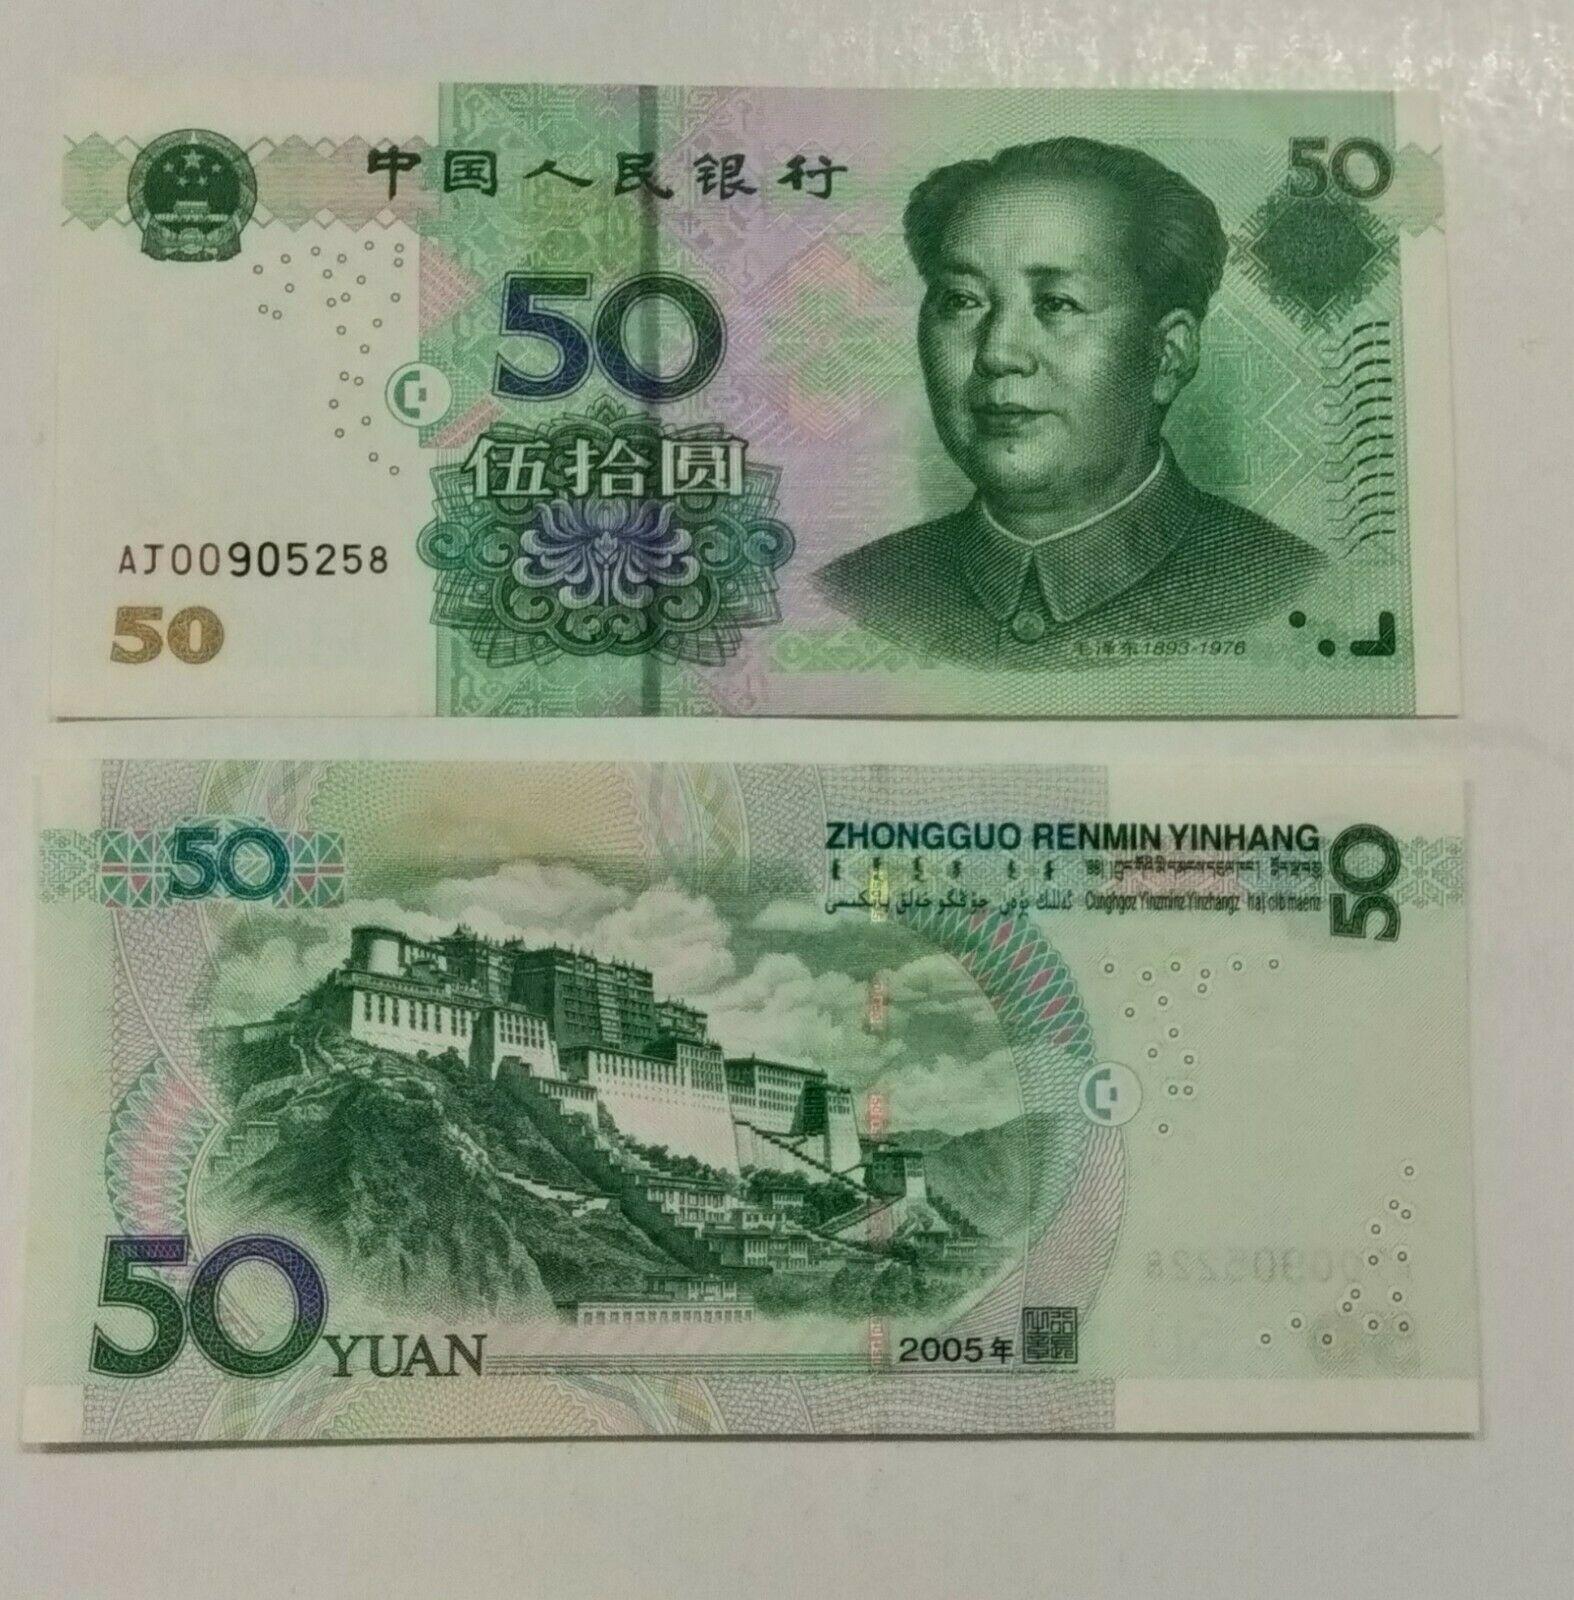 China 50 yuan banknote